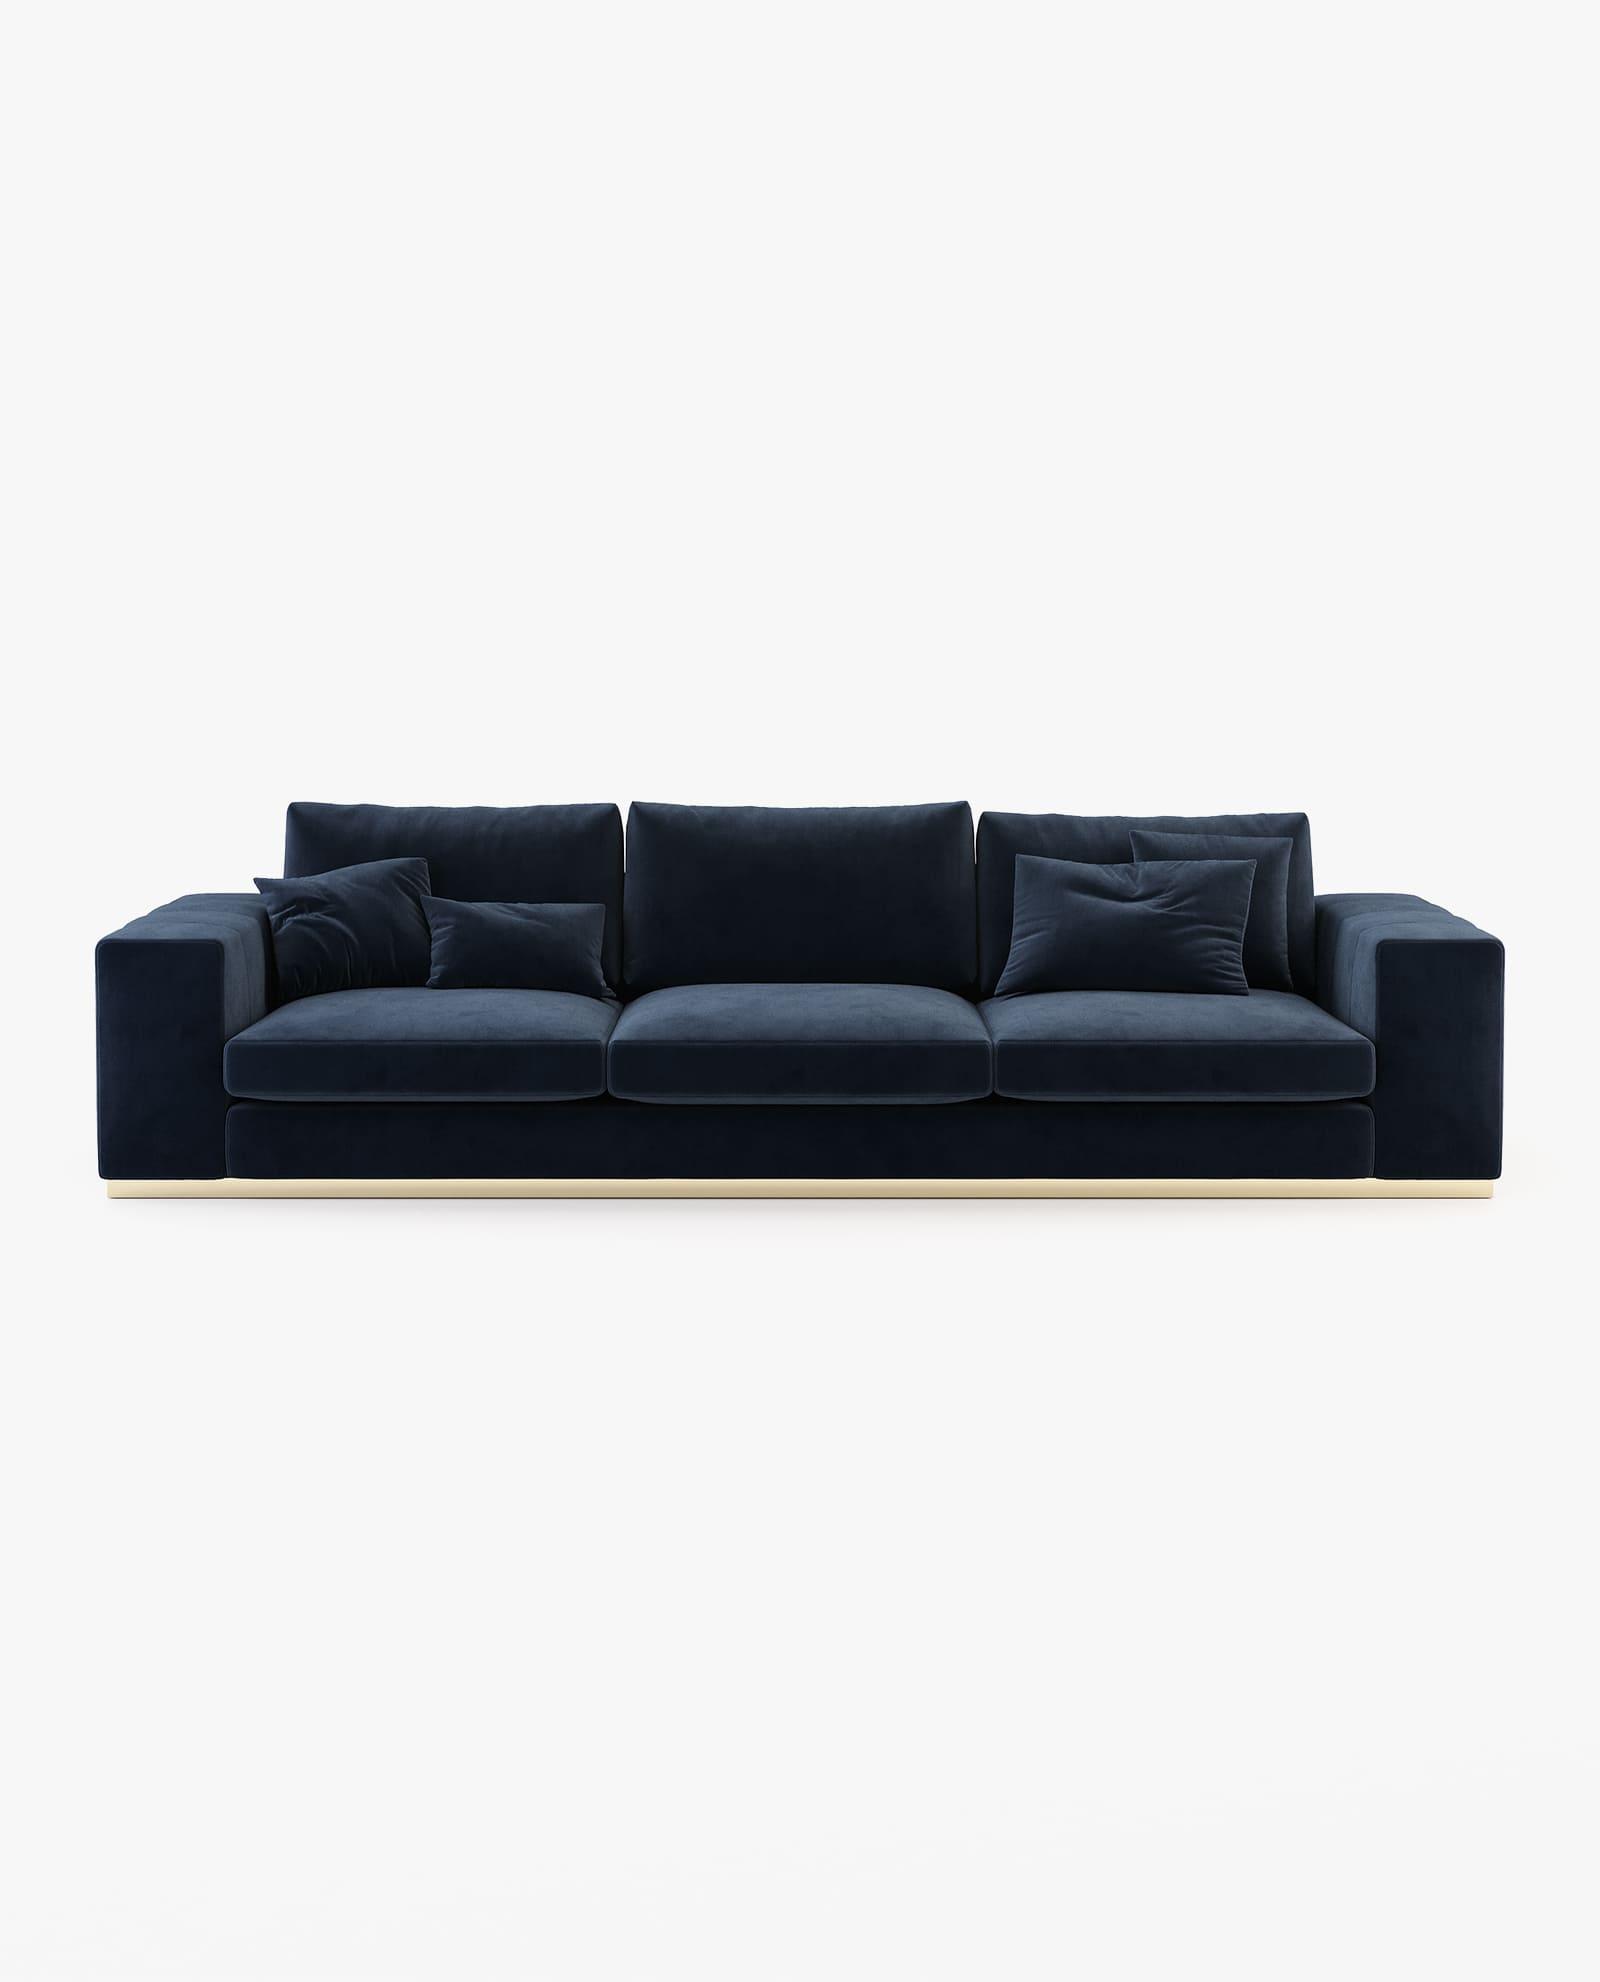 sofá Charlie laskasas em veludo azul marinho